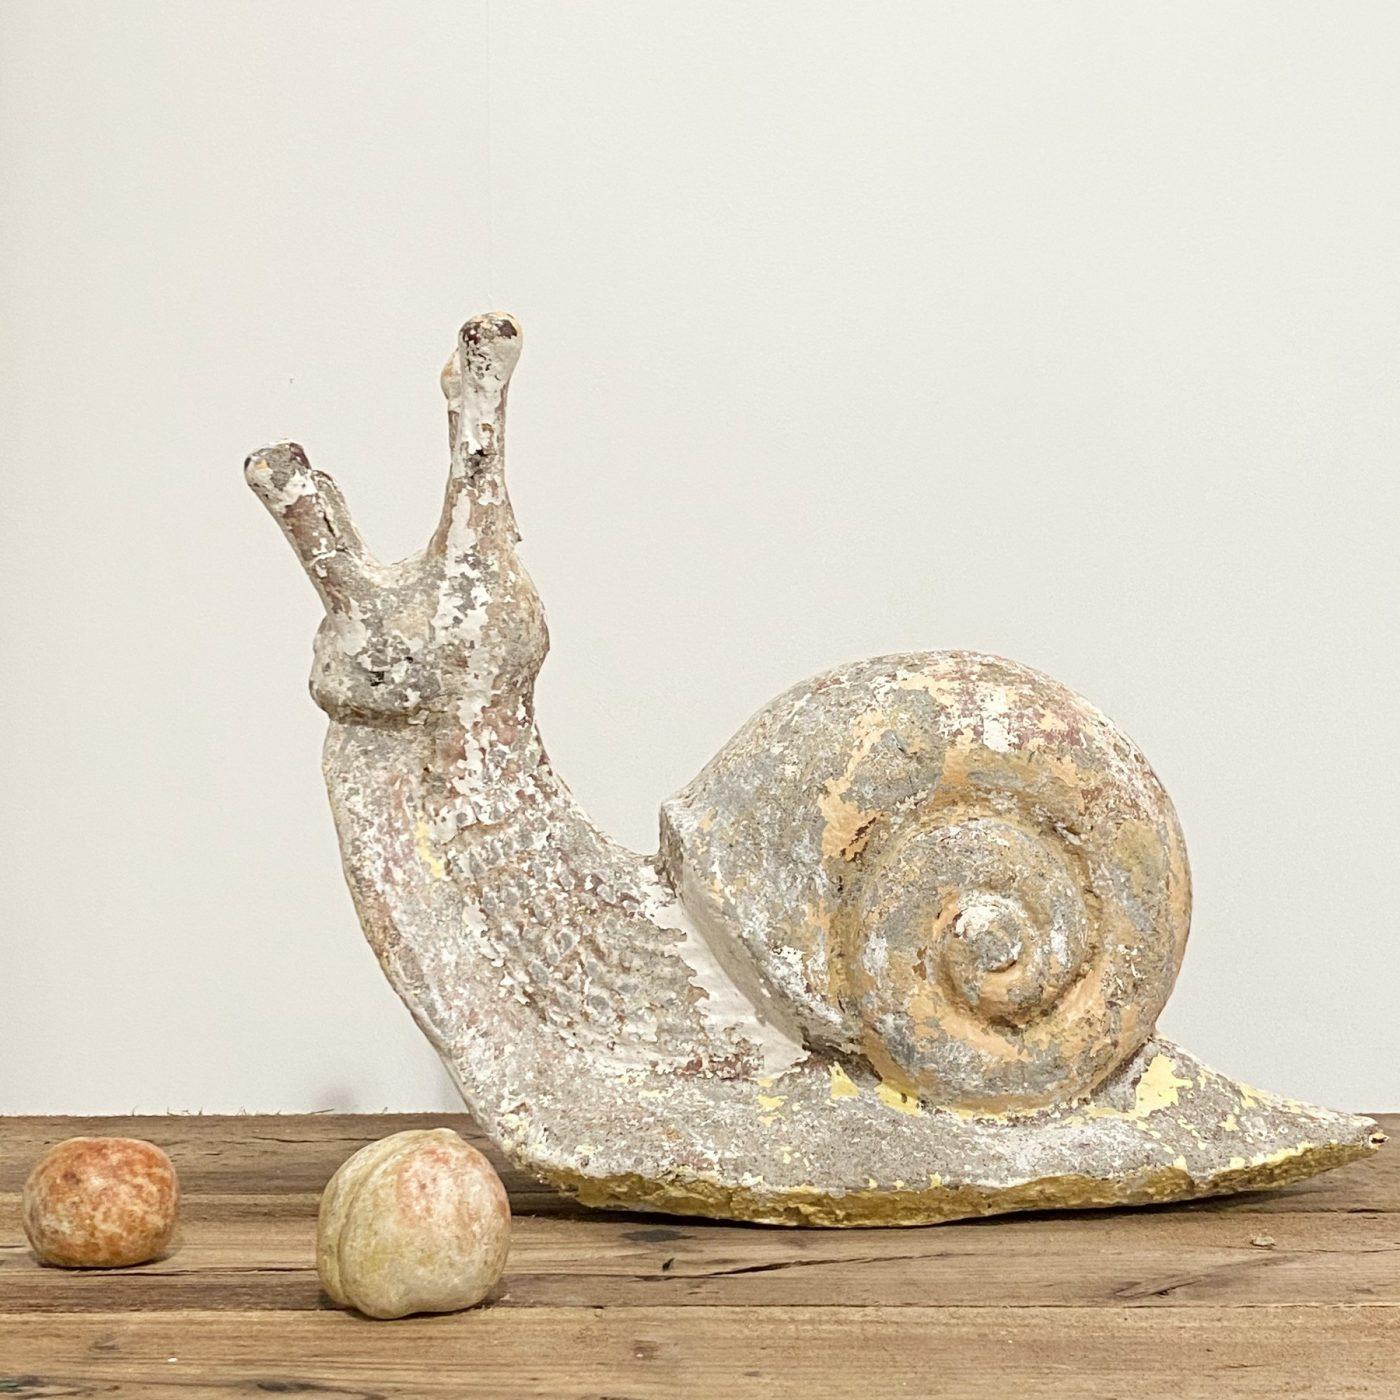 objet-vagabond-concrete-sculpture0002